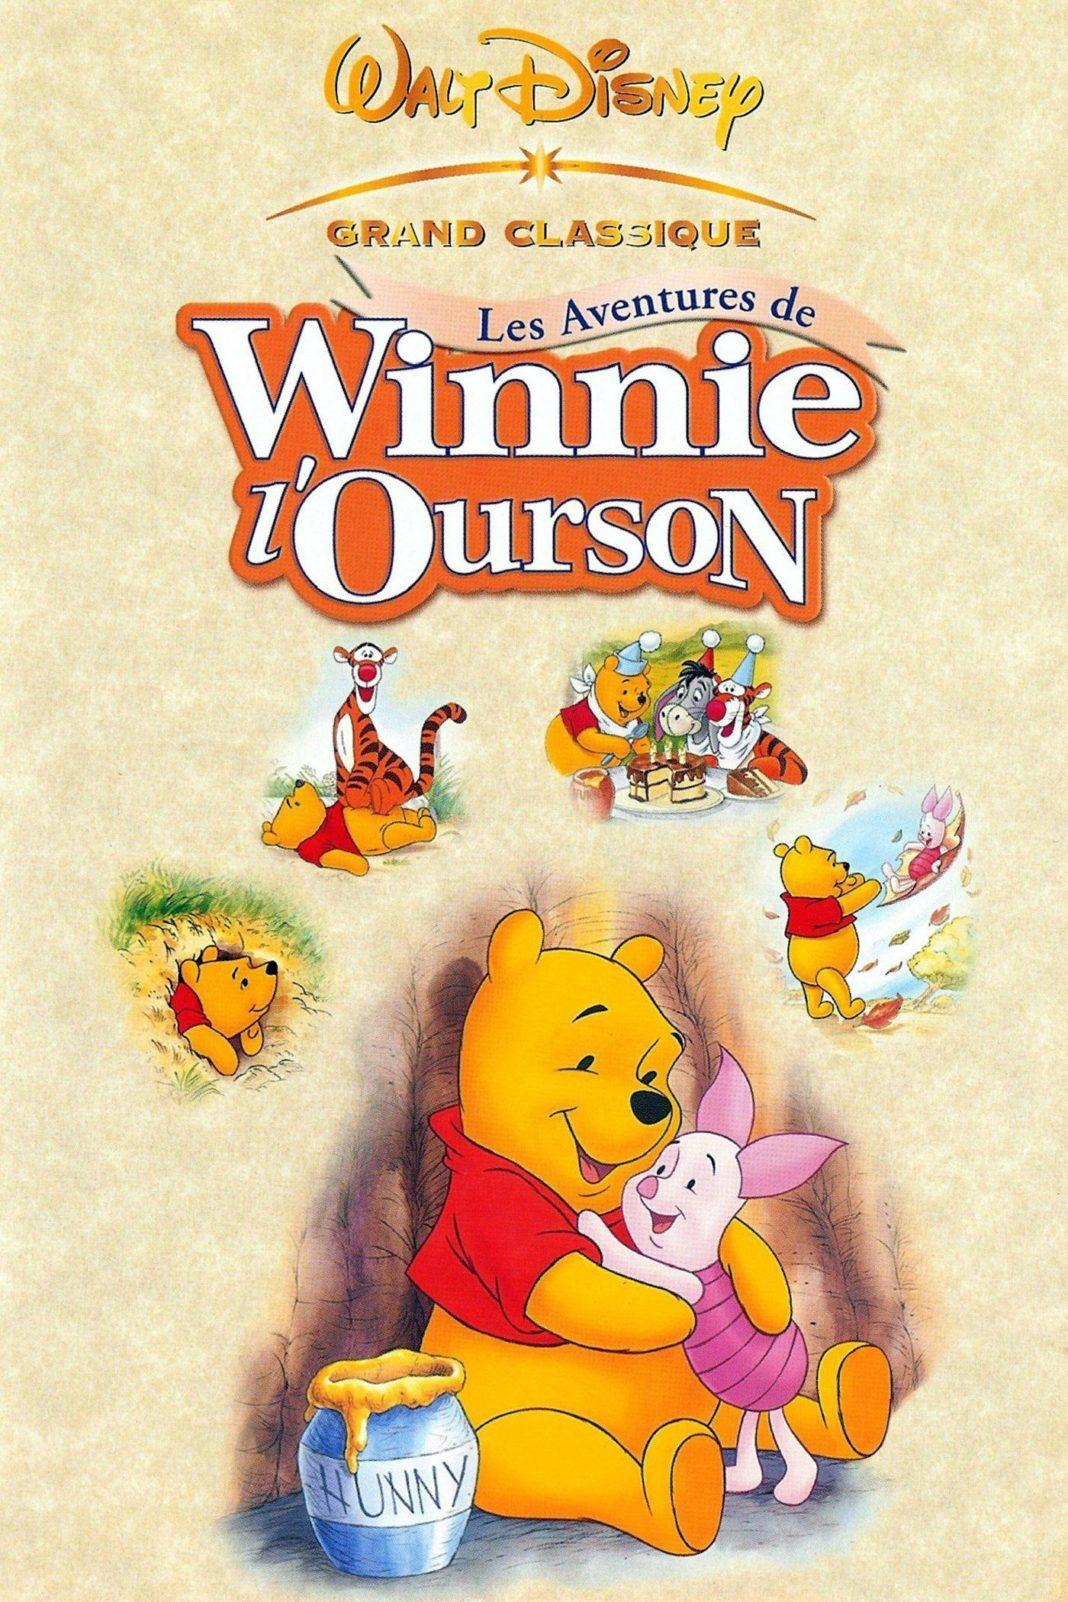 Les Aventures de Winnie l'Ourson (film)